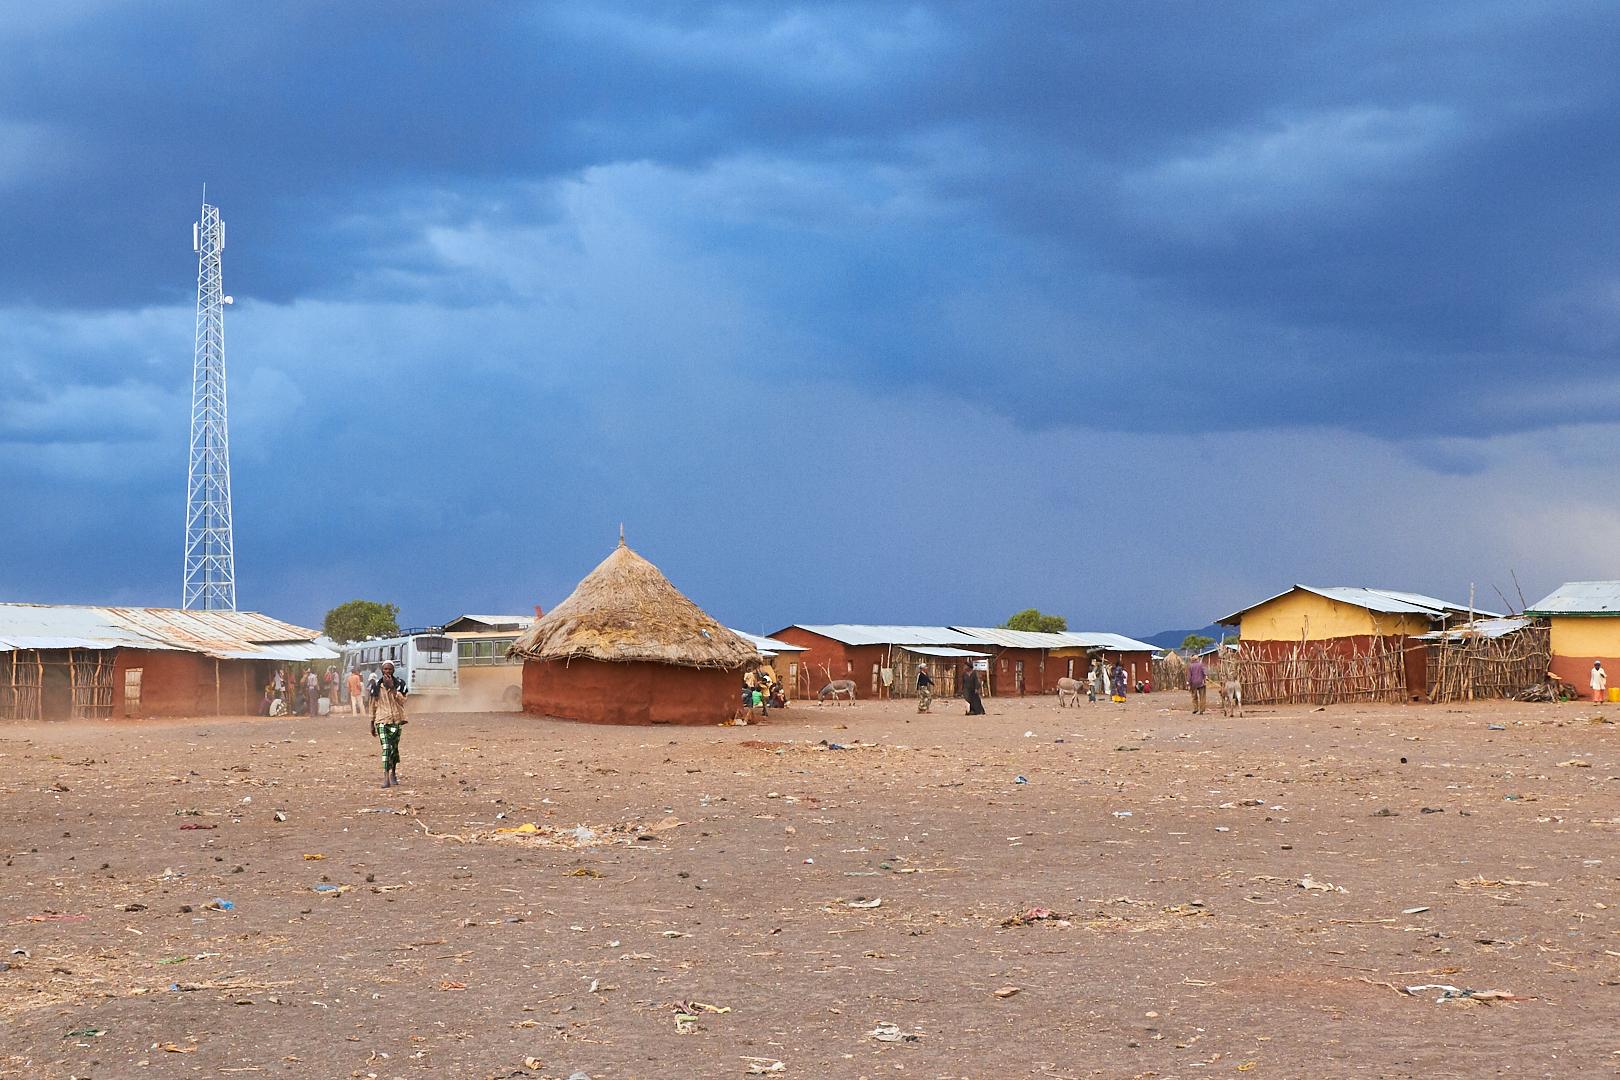 Pvk Photo | Photographe Professionnel | Antenne GSM au milieu du village de Sof Omar en Ethiopie